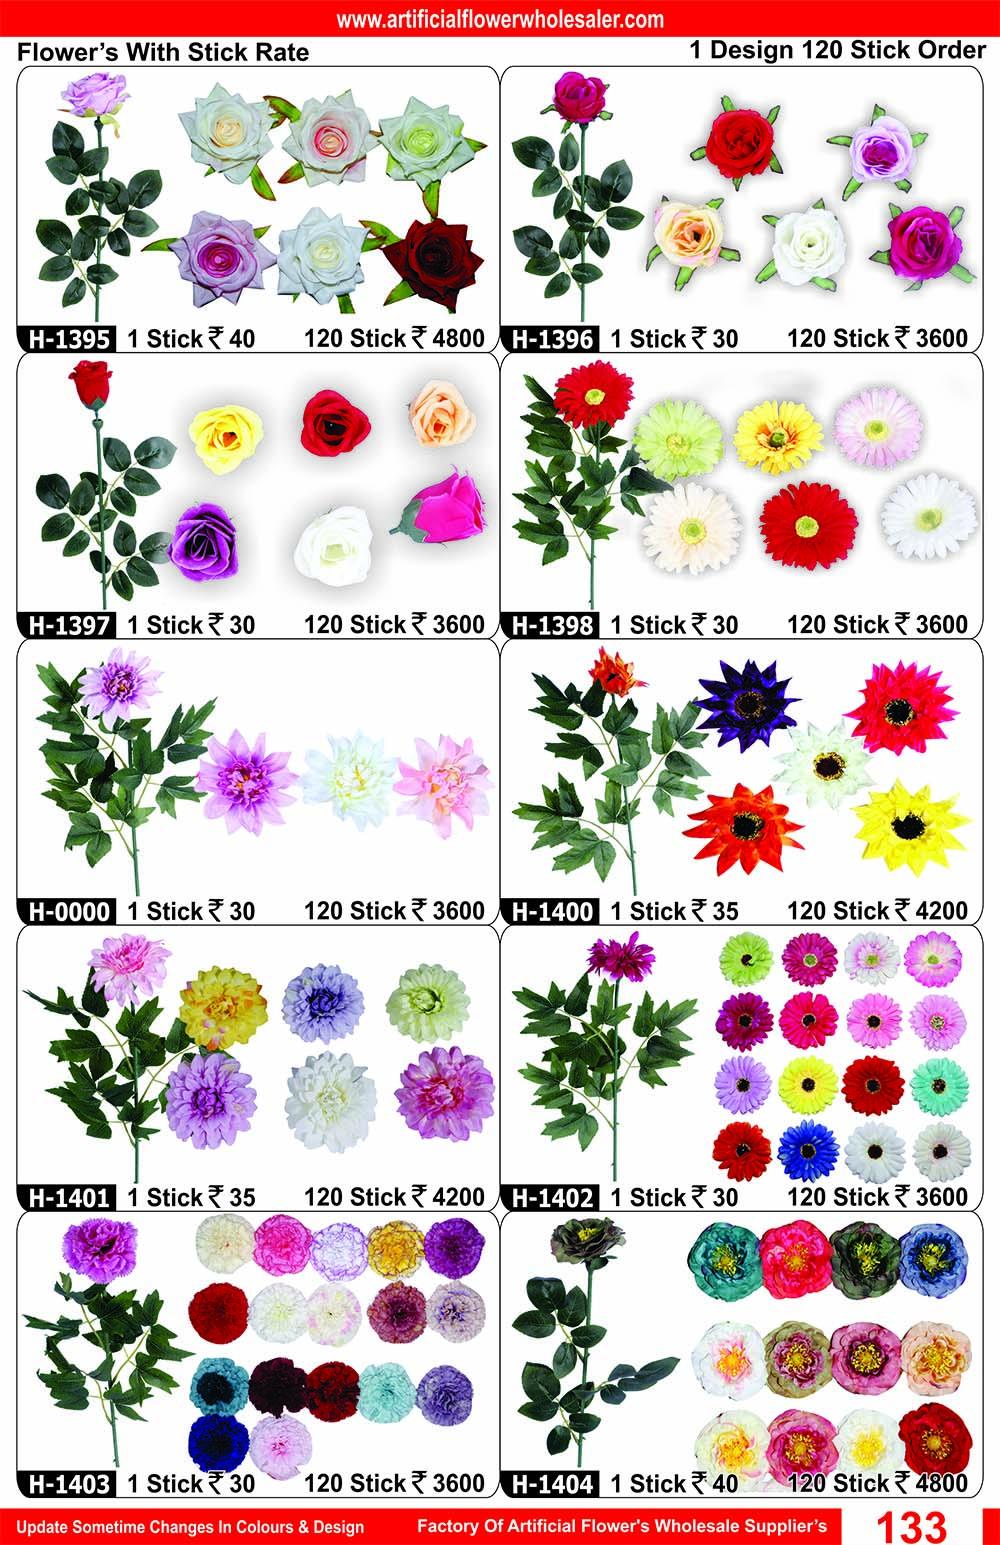 133-artificial-flower-wholesaler